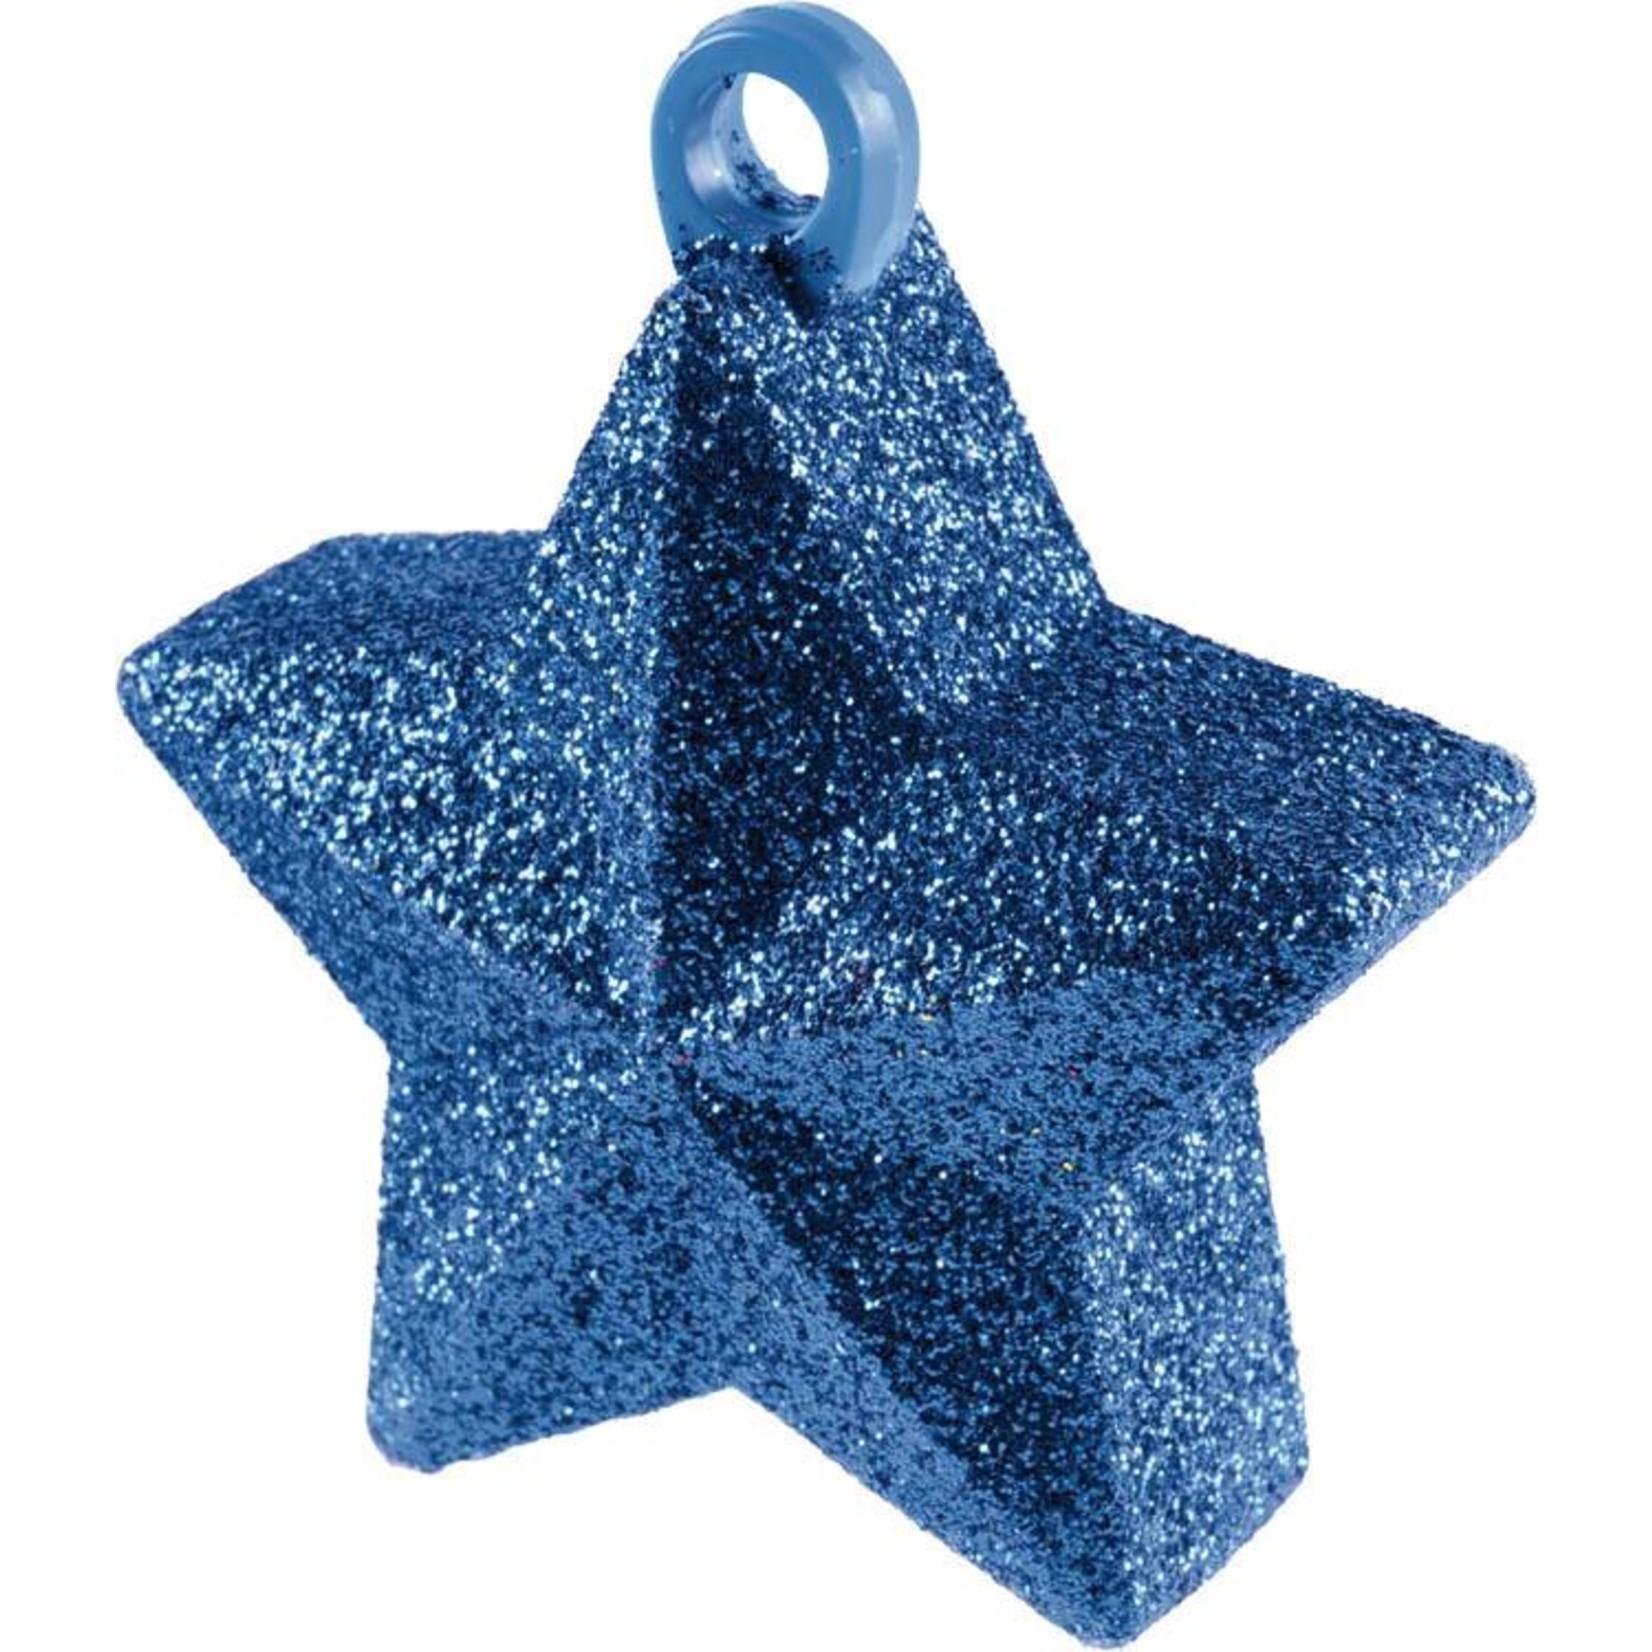 Balloon Weight-Glitter Star-Blue-6oz